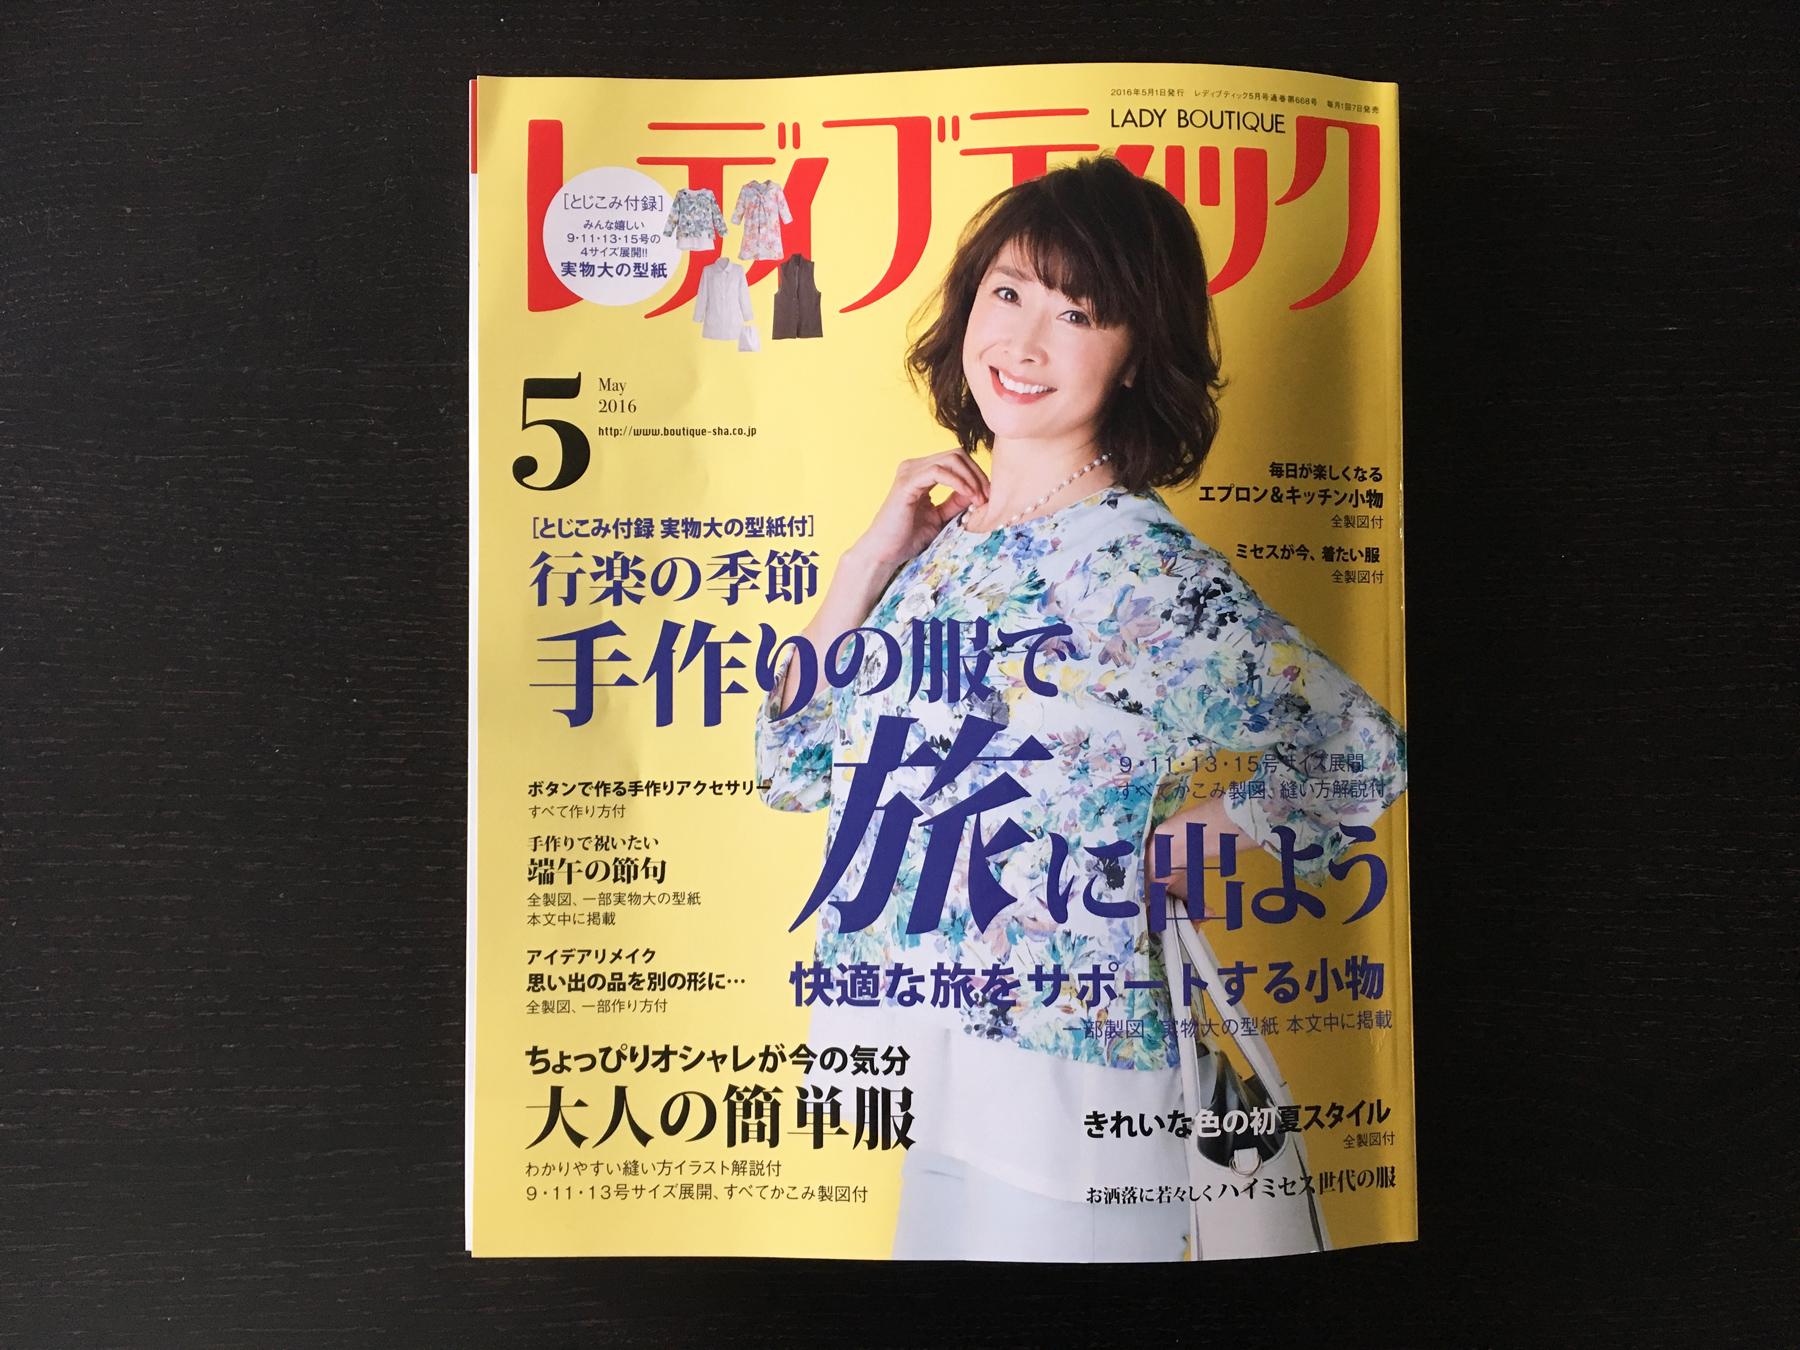 Japanese sewing magazine